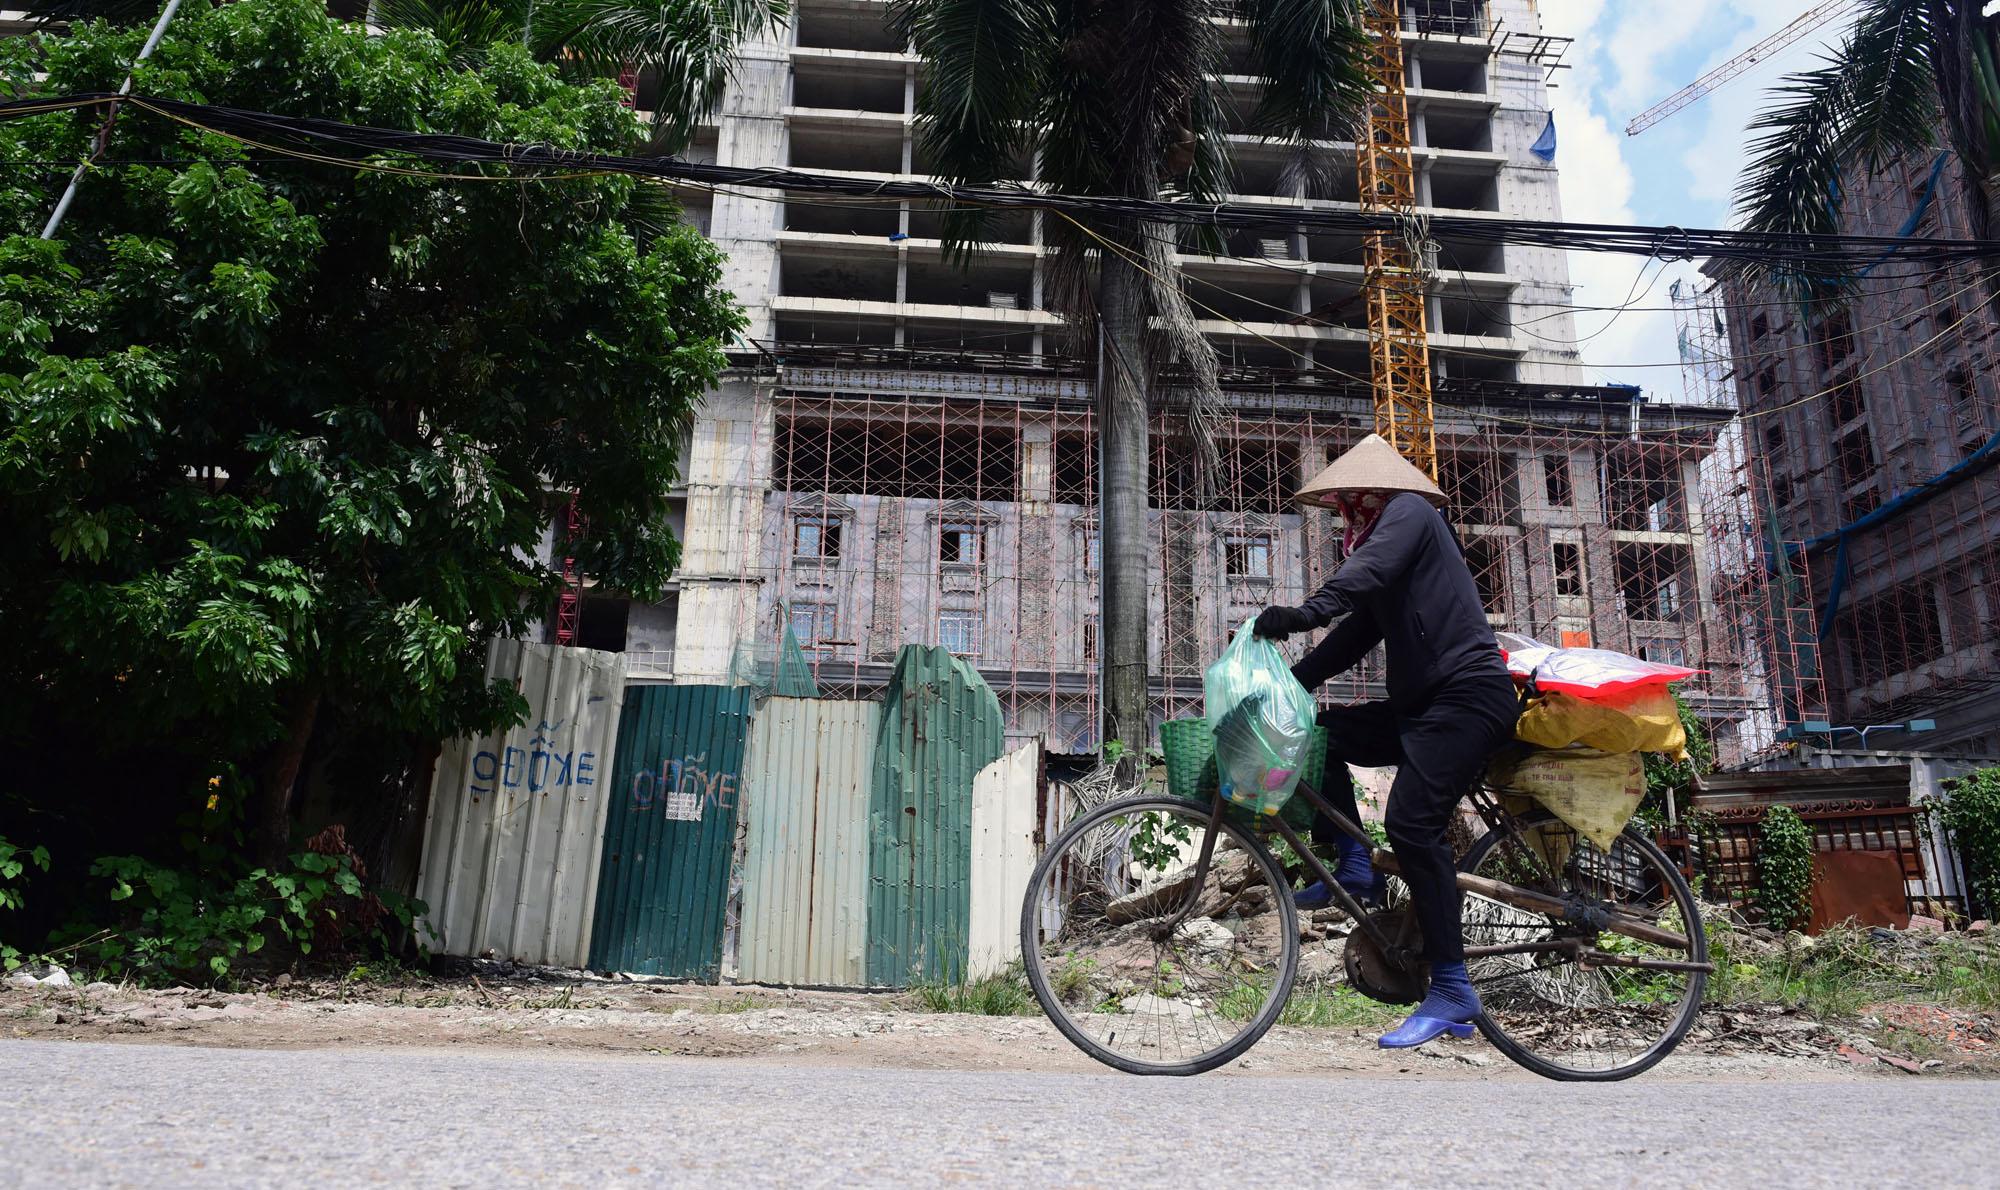 Dự án TTTM Hongkong London trên 'đất vàng' Từ Sơn, Bắc Ninh bỏ hoang nhiều năm - Ảnh 13.